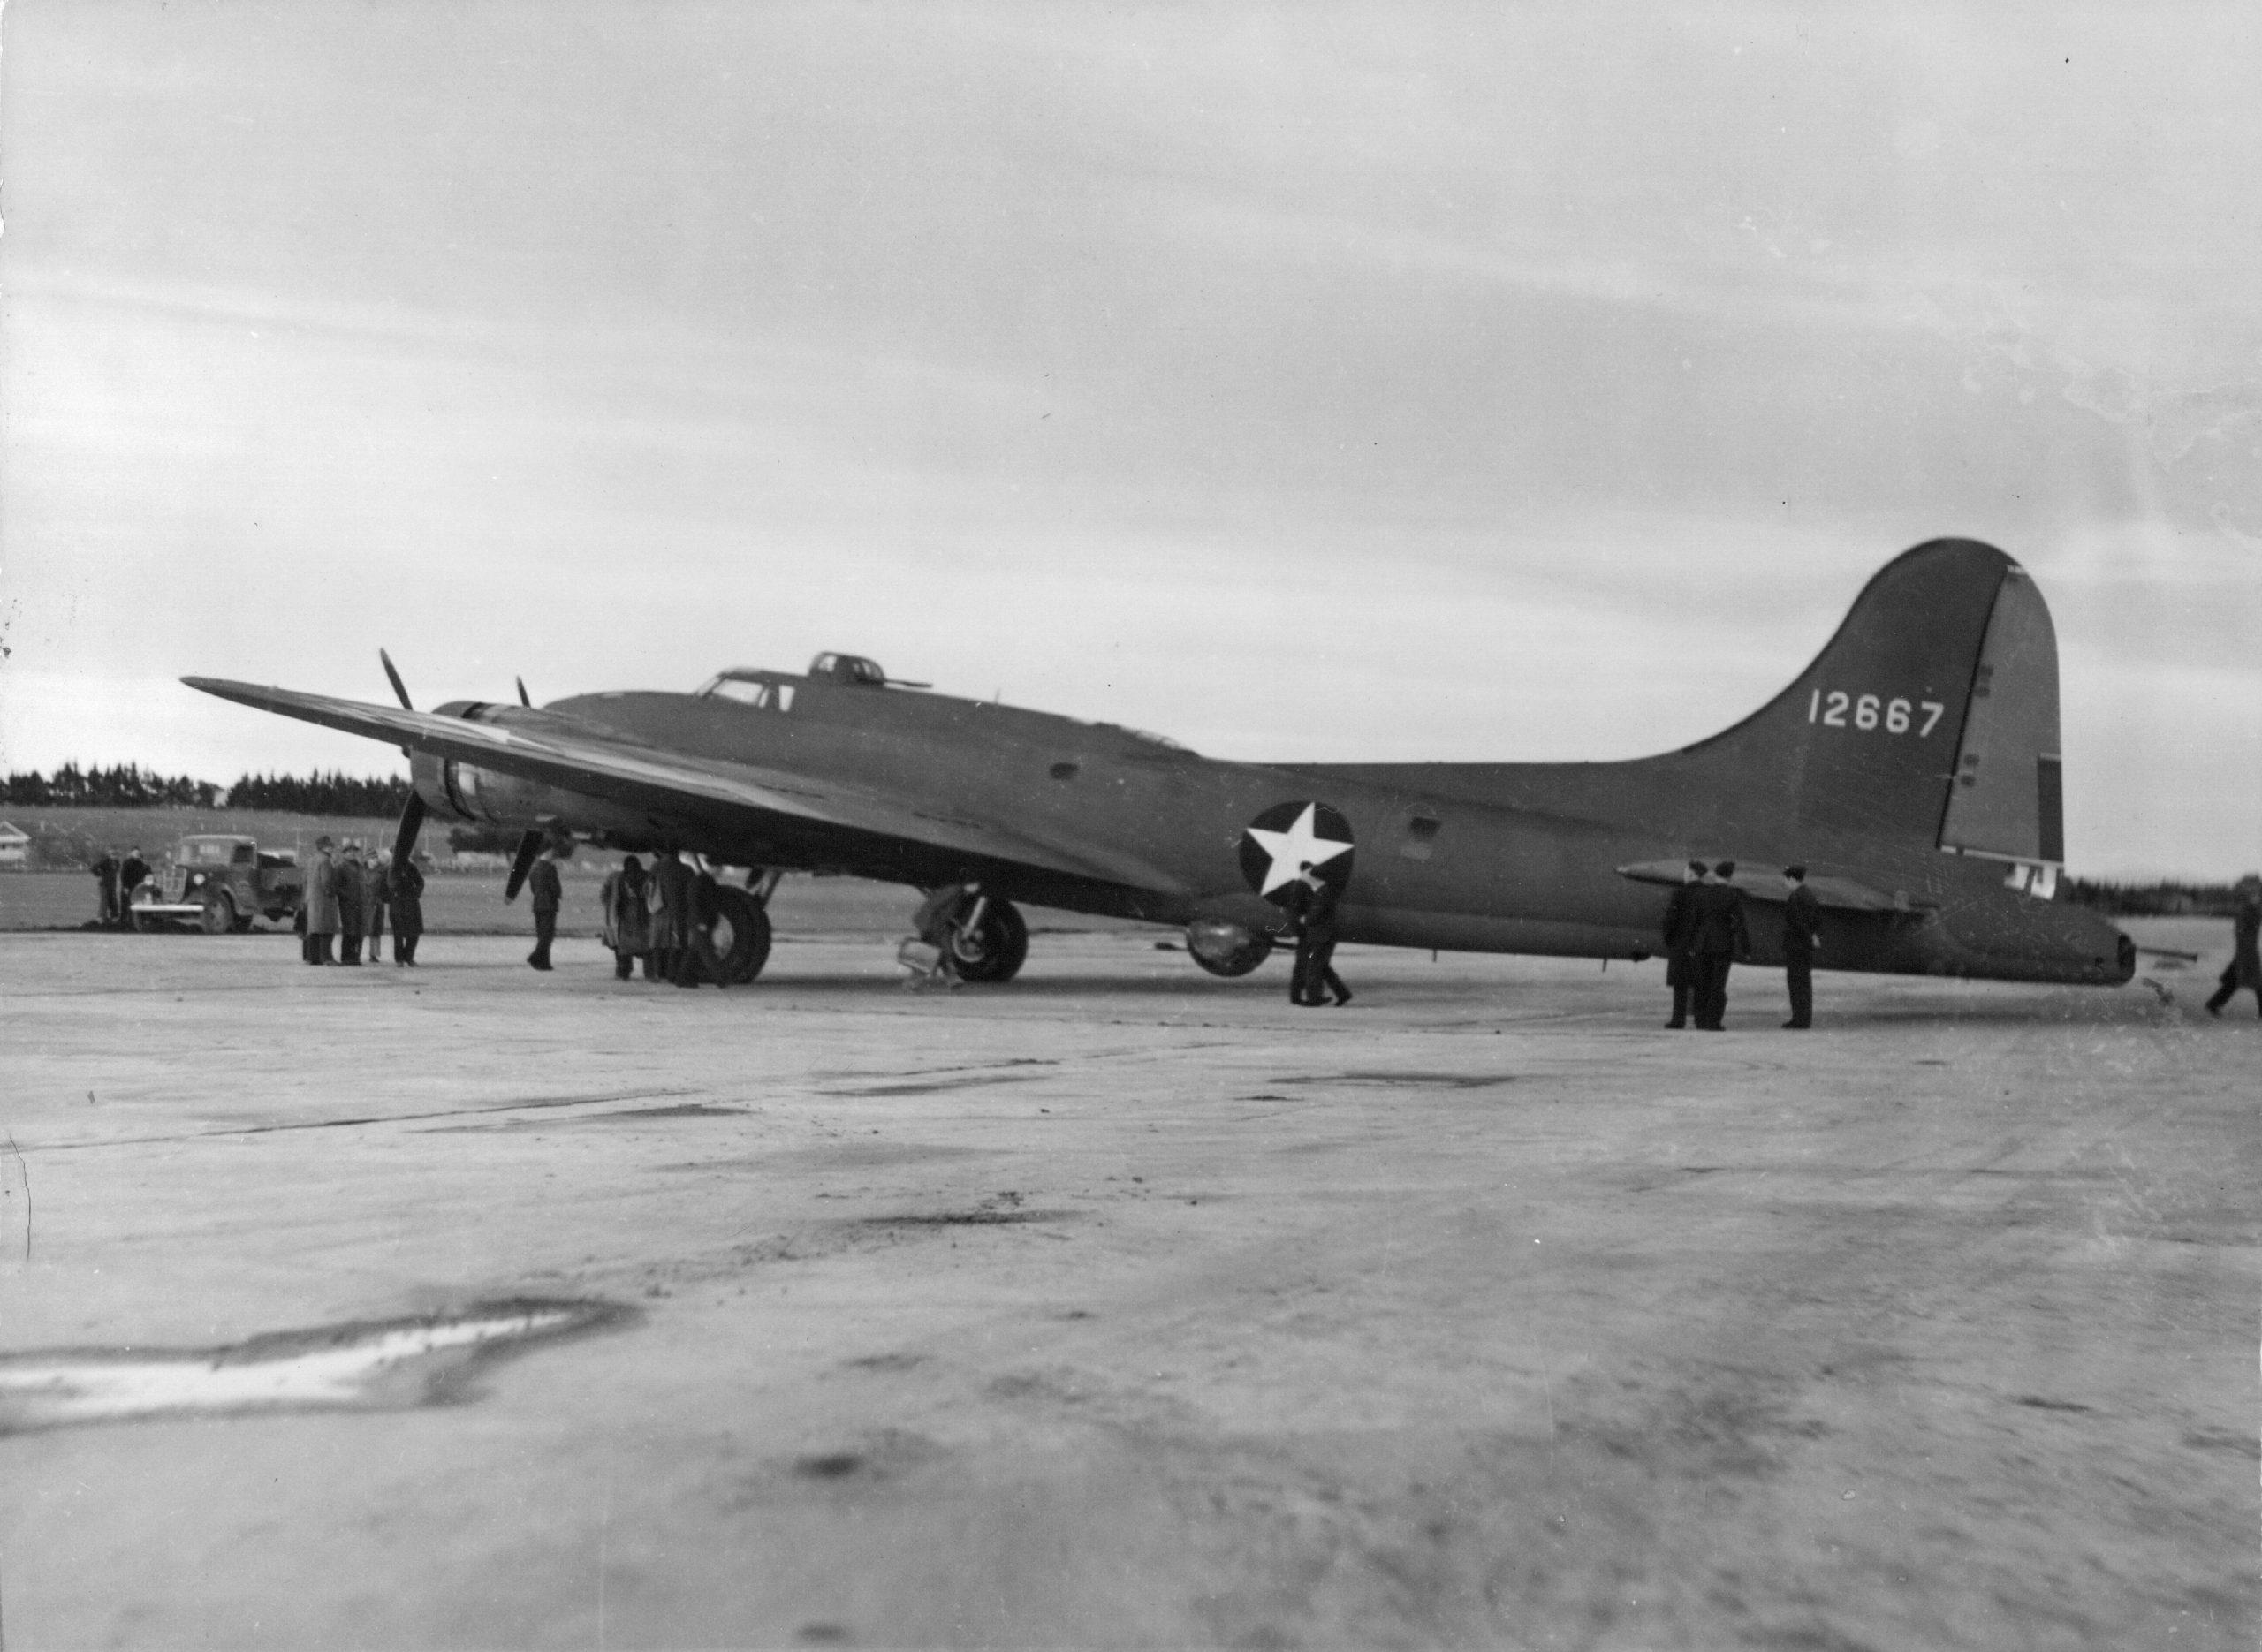 B-17 #41-2667 / Texas Tornado